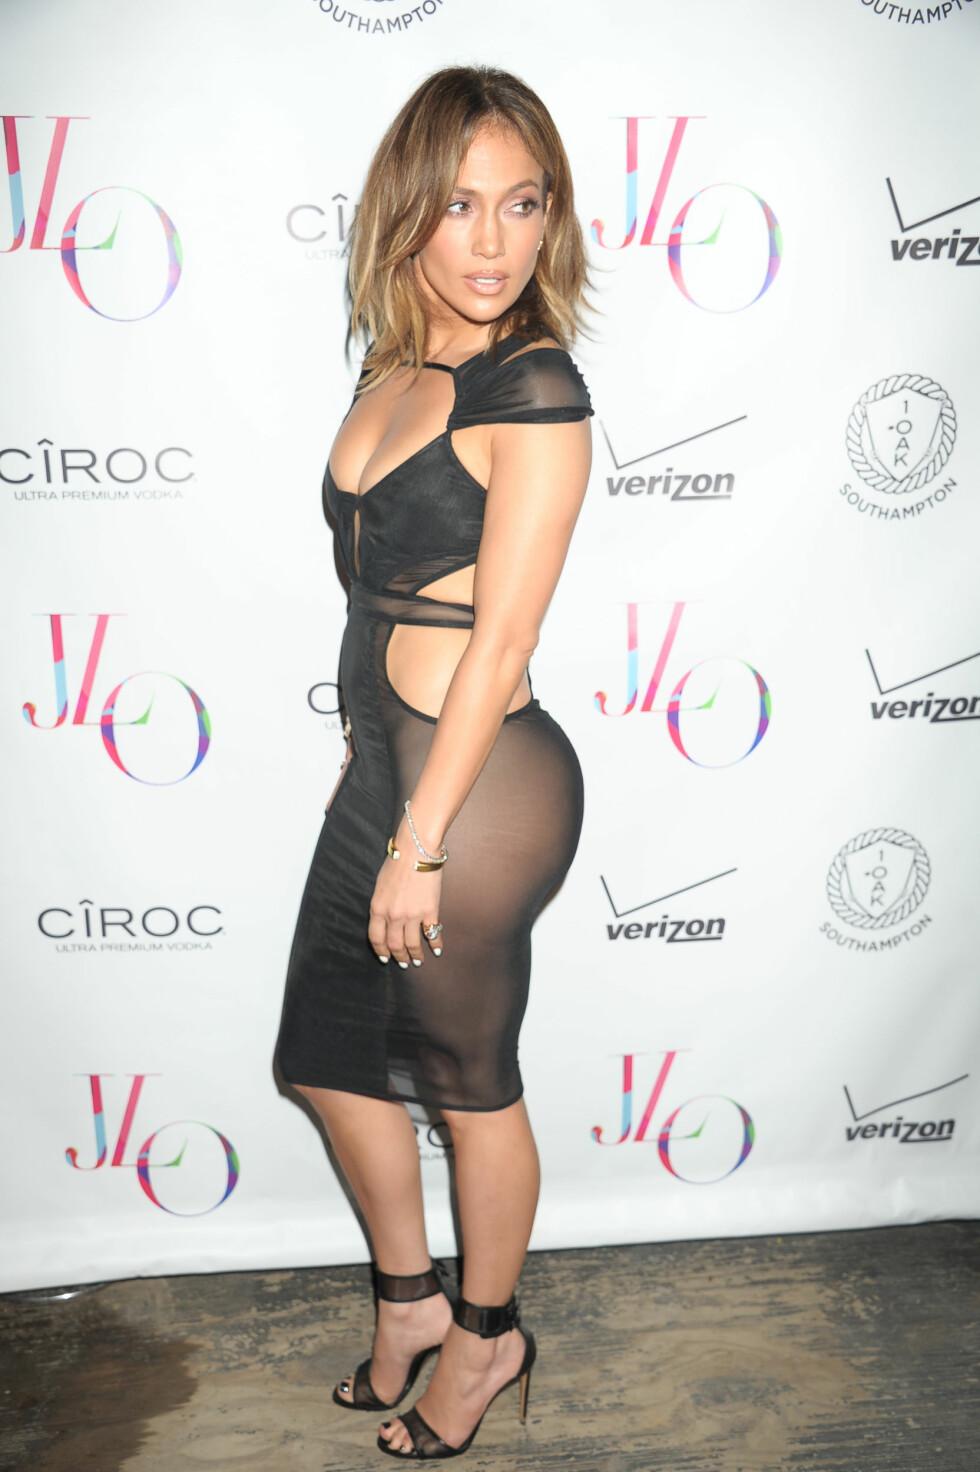 BURSDAGSKJOLE: Jennifer Lopez var ikledd denne svarte kreasjonen da hun feiret sin 45-årsdag i The Hamptons i fjor. Foto: NTB Scanpix